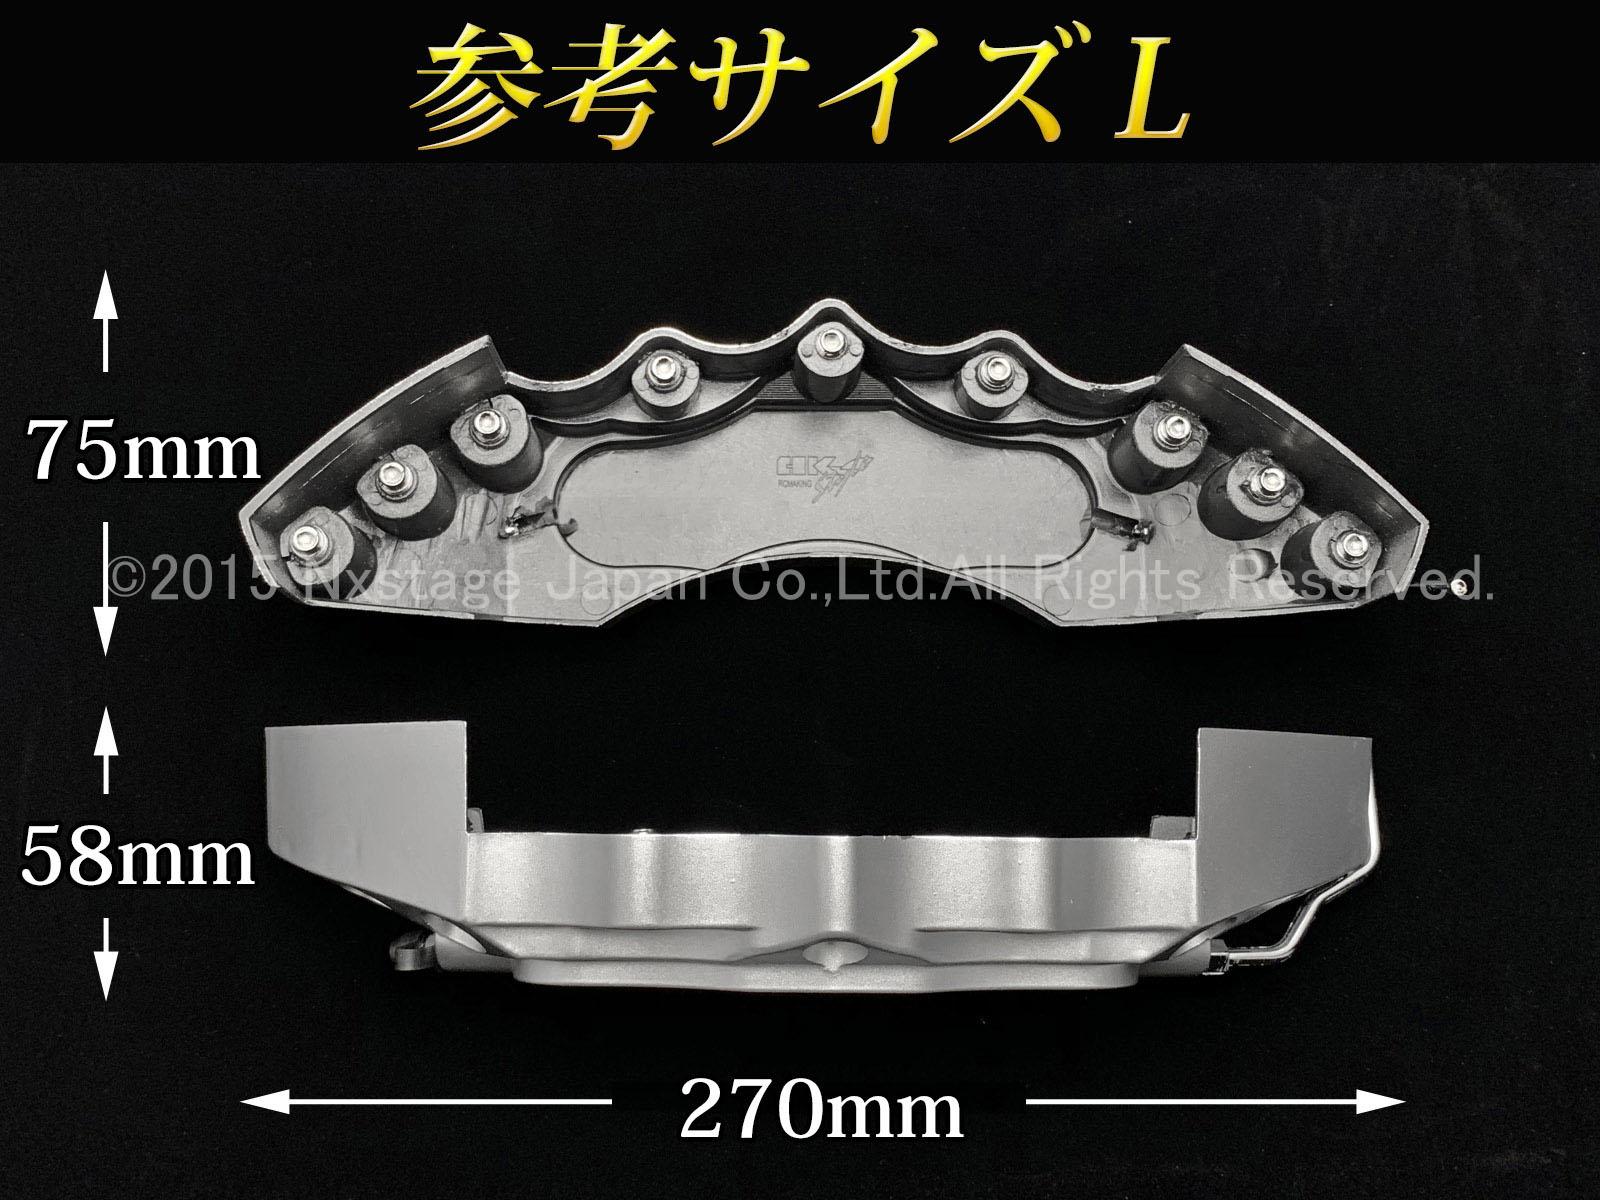 トヨタ車ハリアー HARRIERロゴ黒文字 汎用高品質キャリパーカバー L/Mサイズセット 銀 シルバー